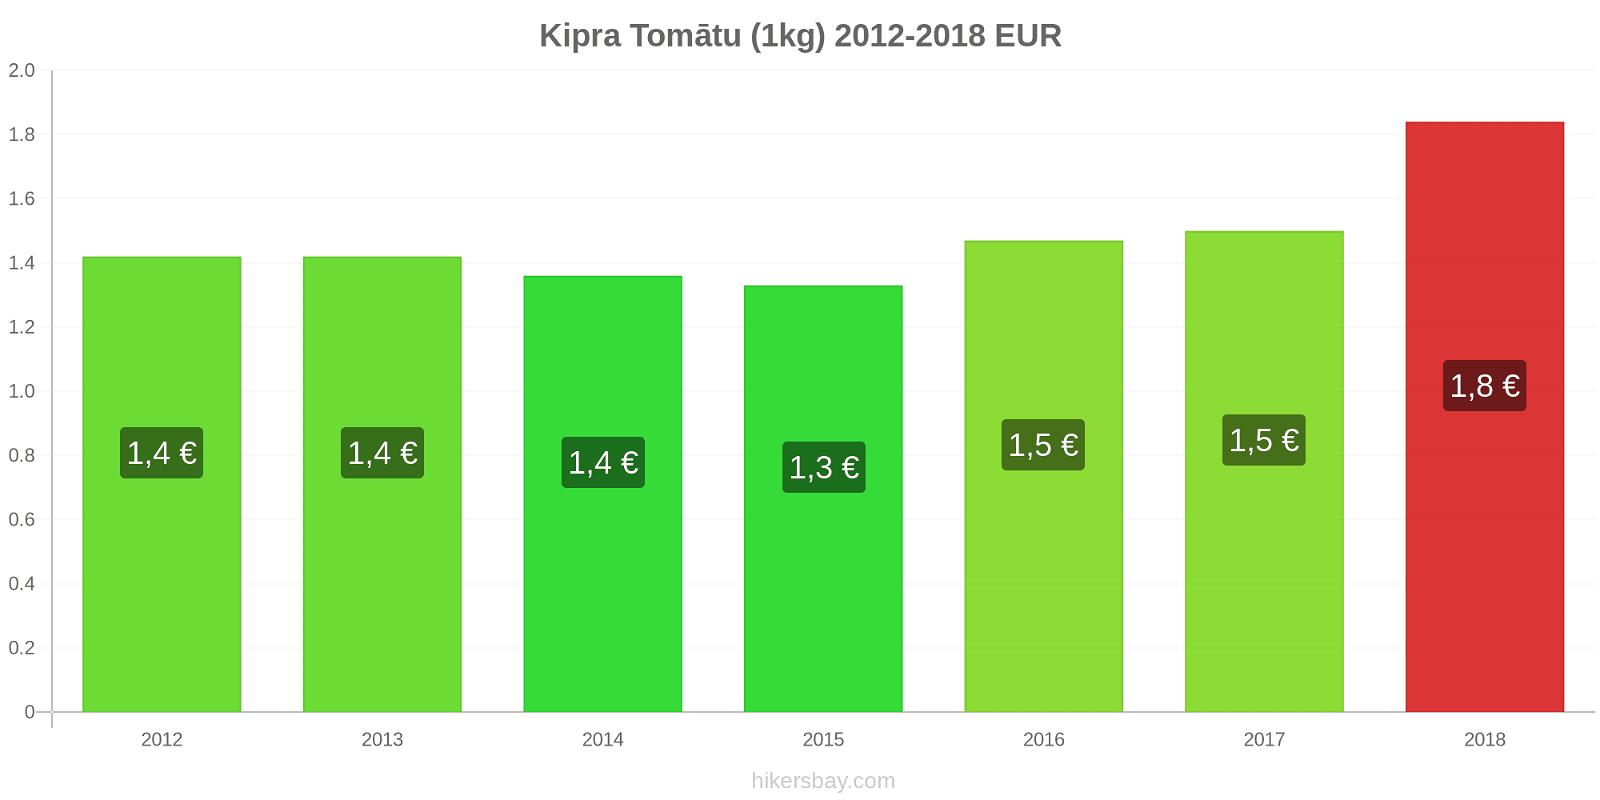 Kipra cenu izmaiņas Tomātu (1kg) hikersbay.com